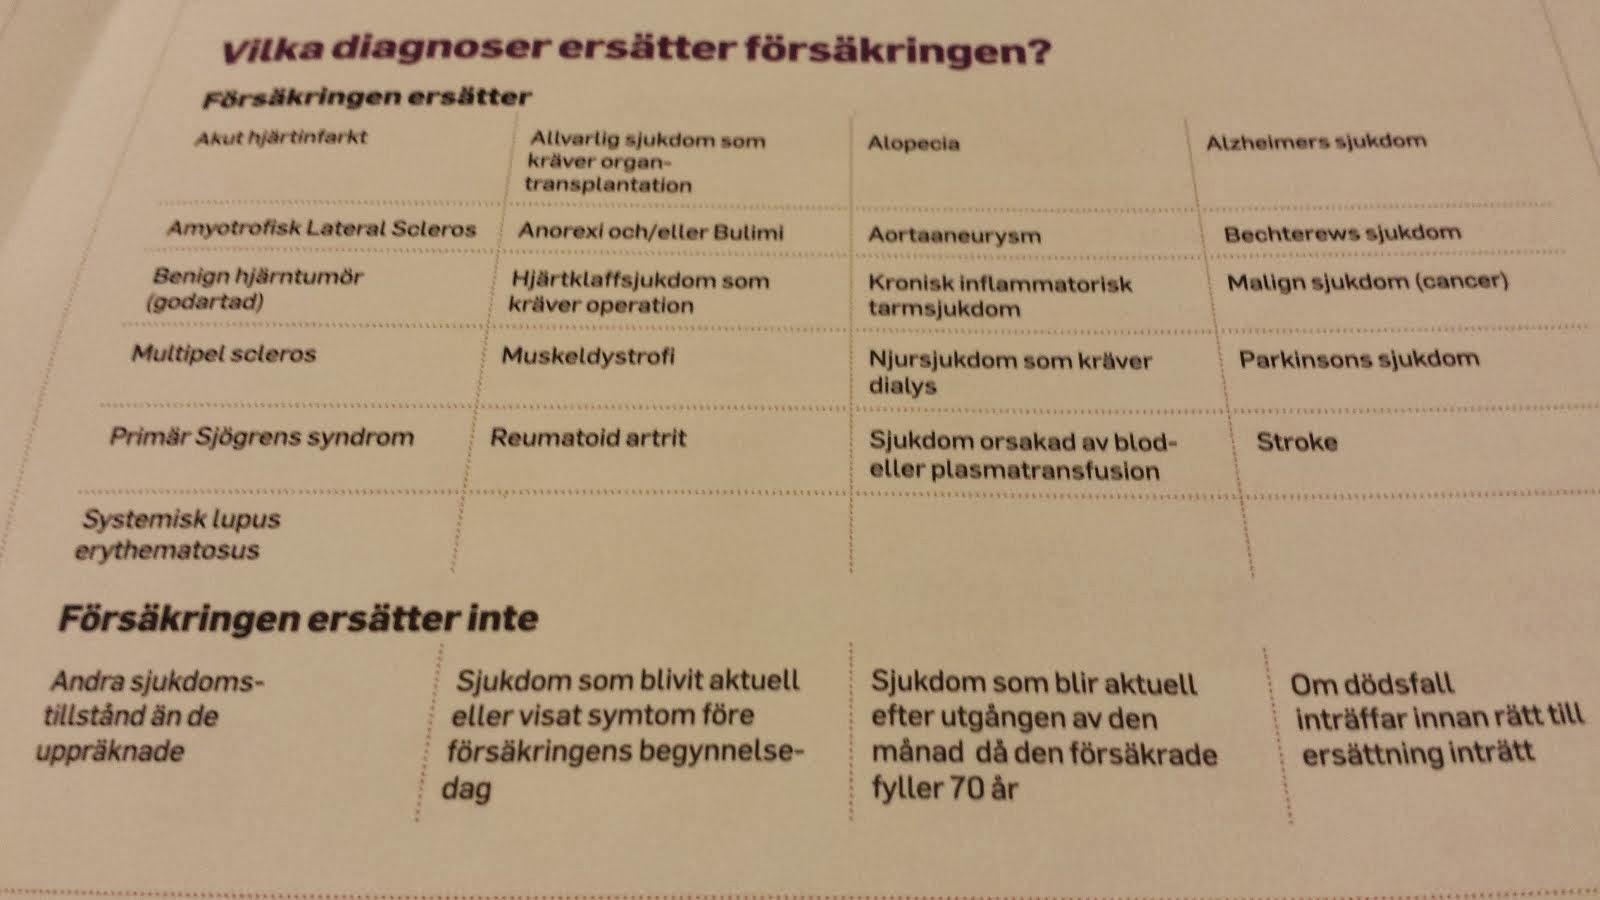 diagnosförsäkring